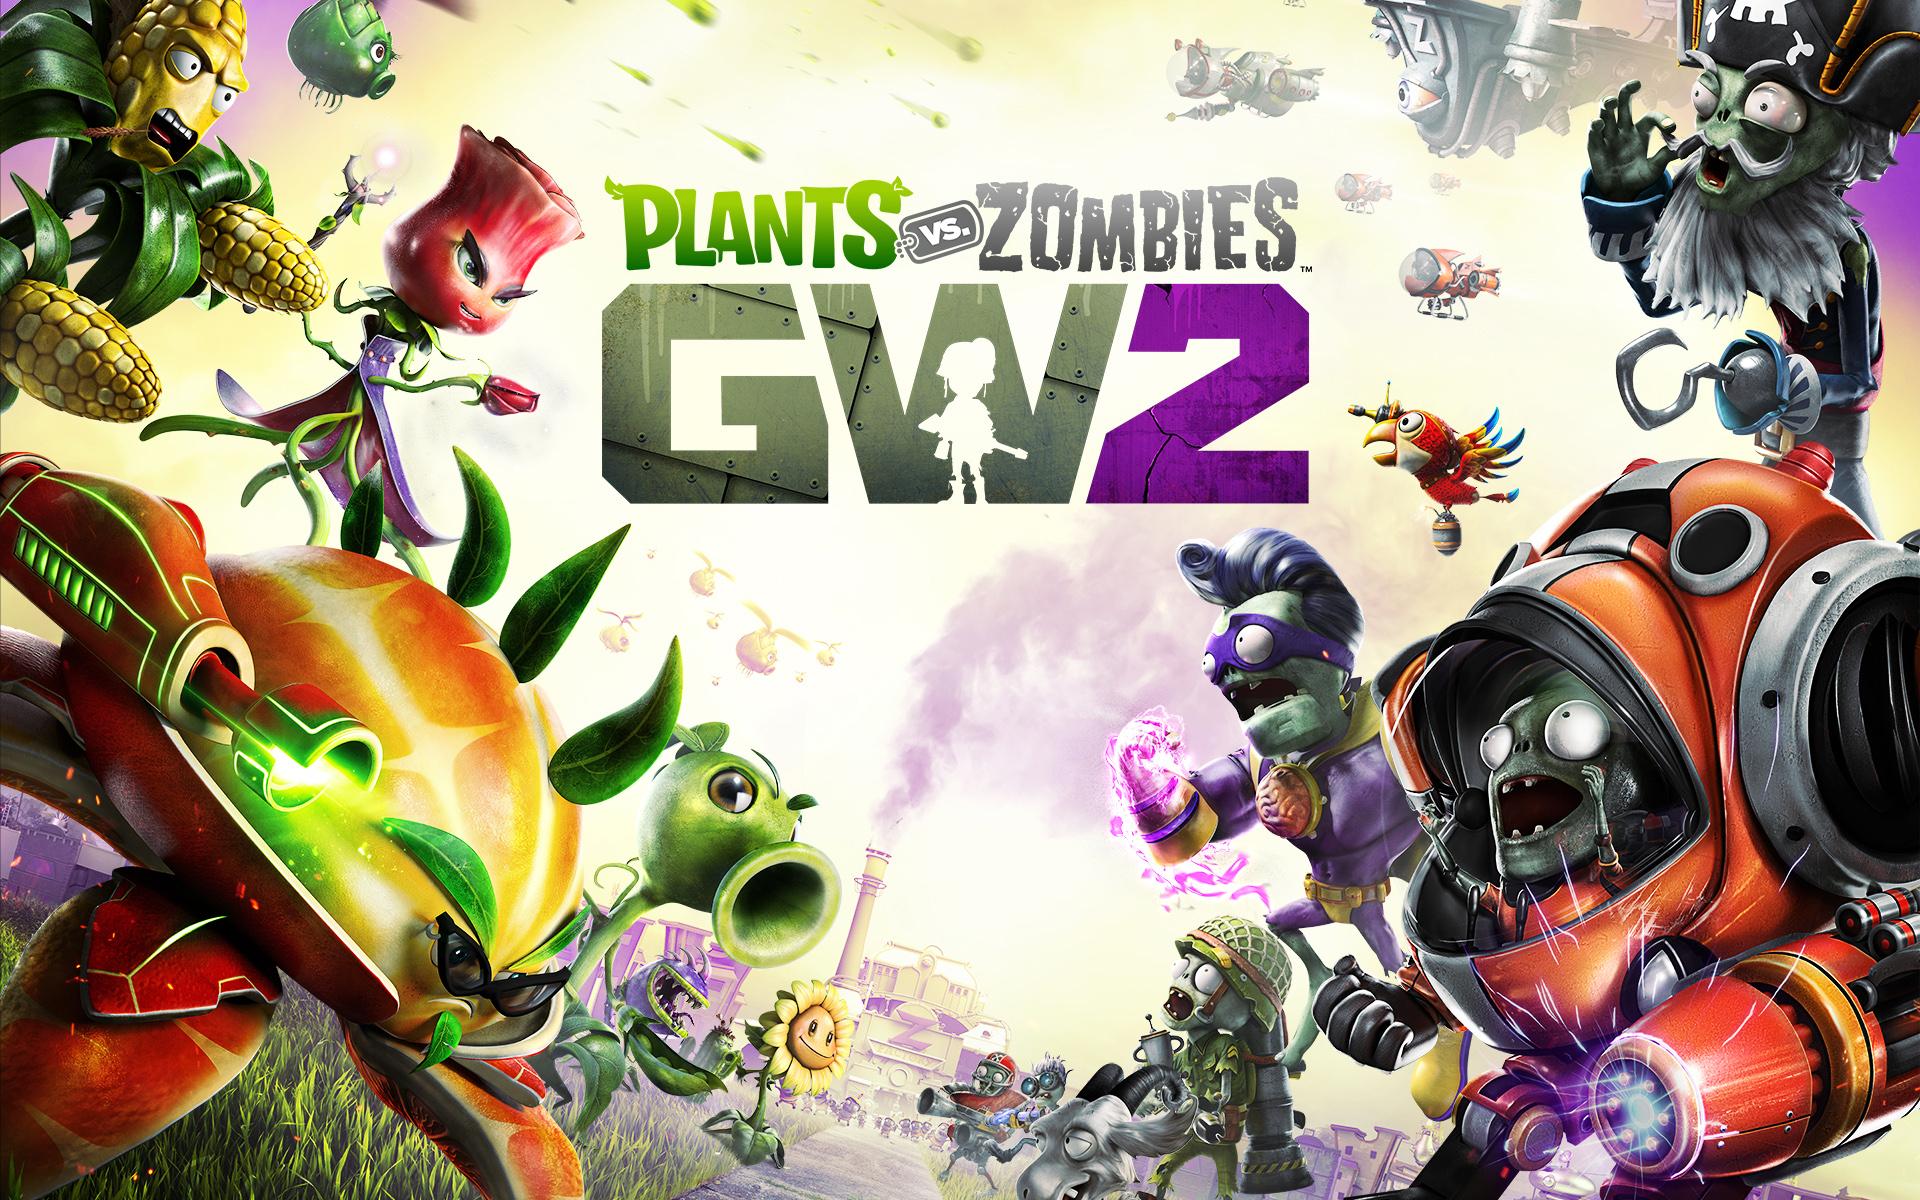 HD Wallpapers Plants vs Zombies Garden Warfare 2